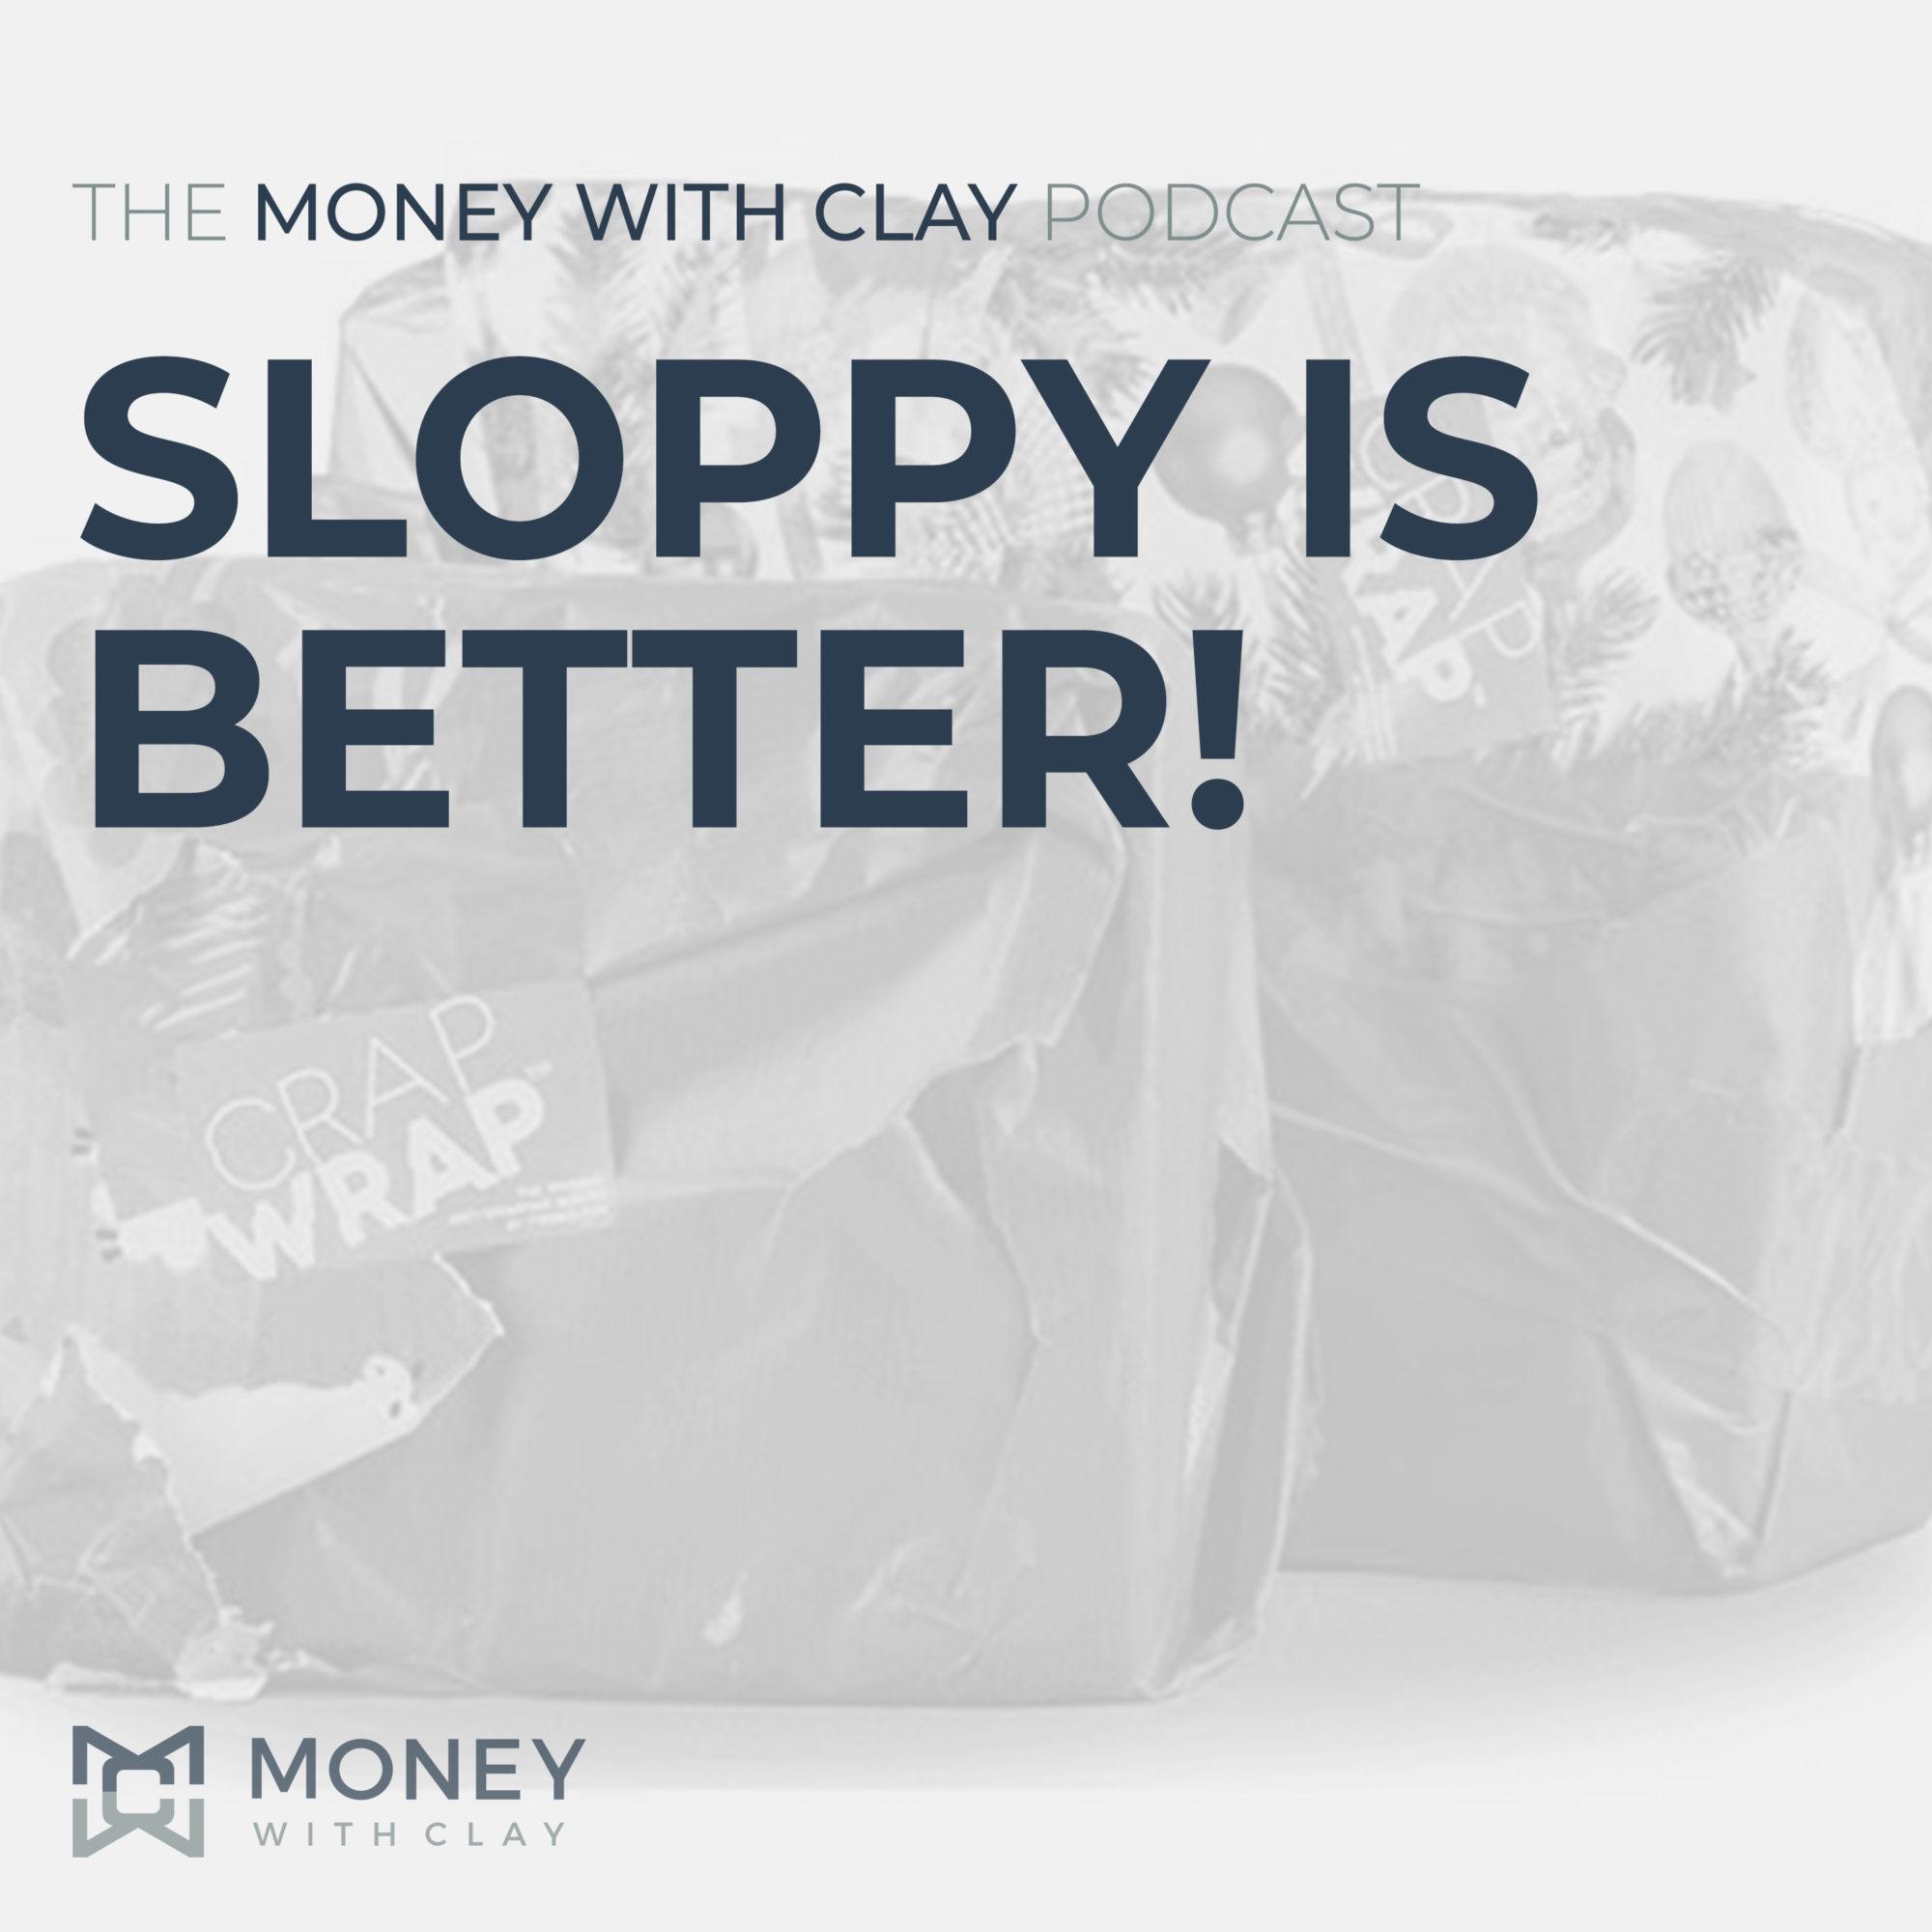 #084 - Sloppy Is Better!